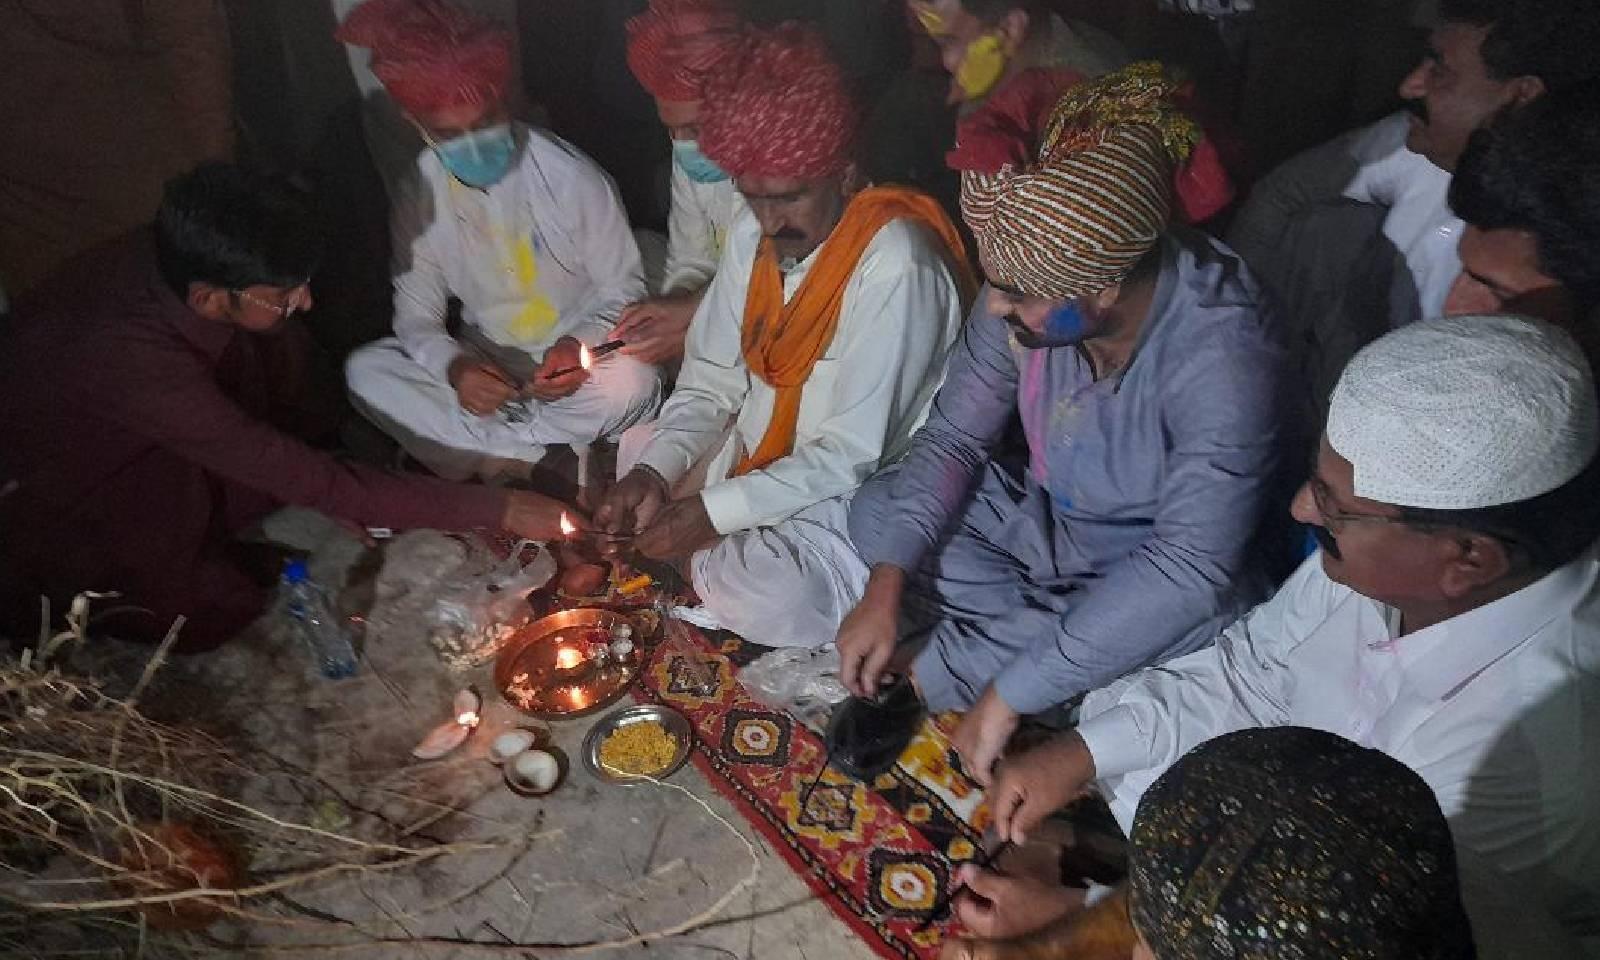 تقریب میں ہندو برادری کے ساتھ ساتھ دیگر مذاہب کے افراد بھی شریک تھے— فوٹو: امتیاز دھارانی